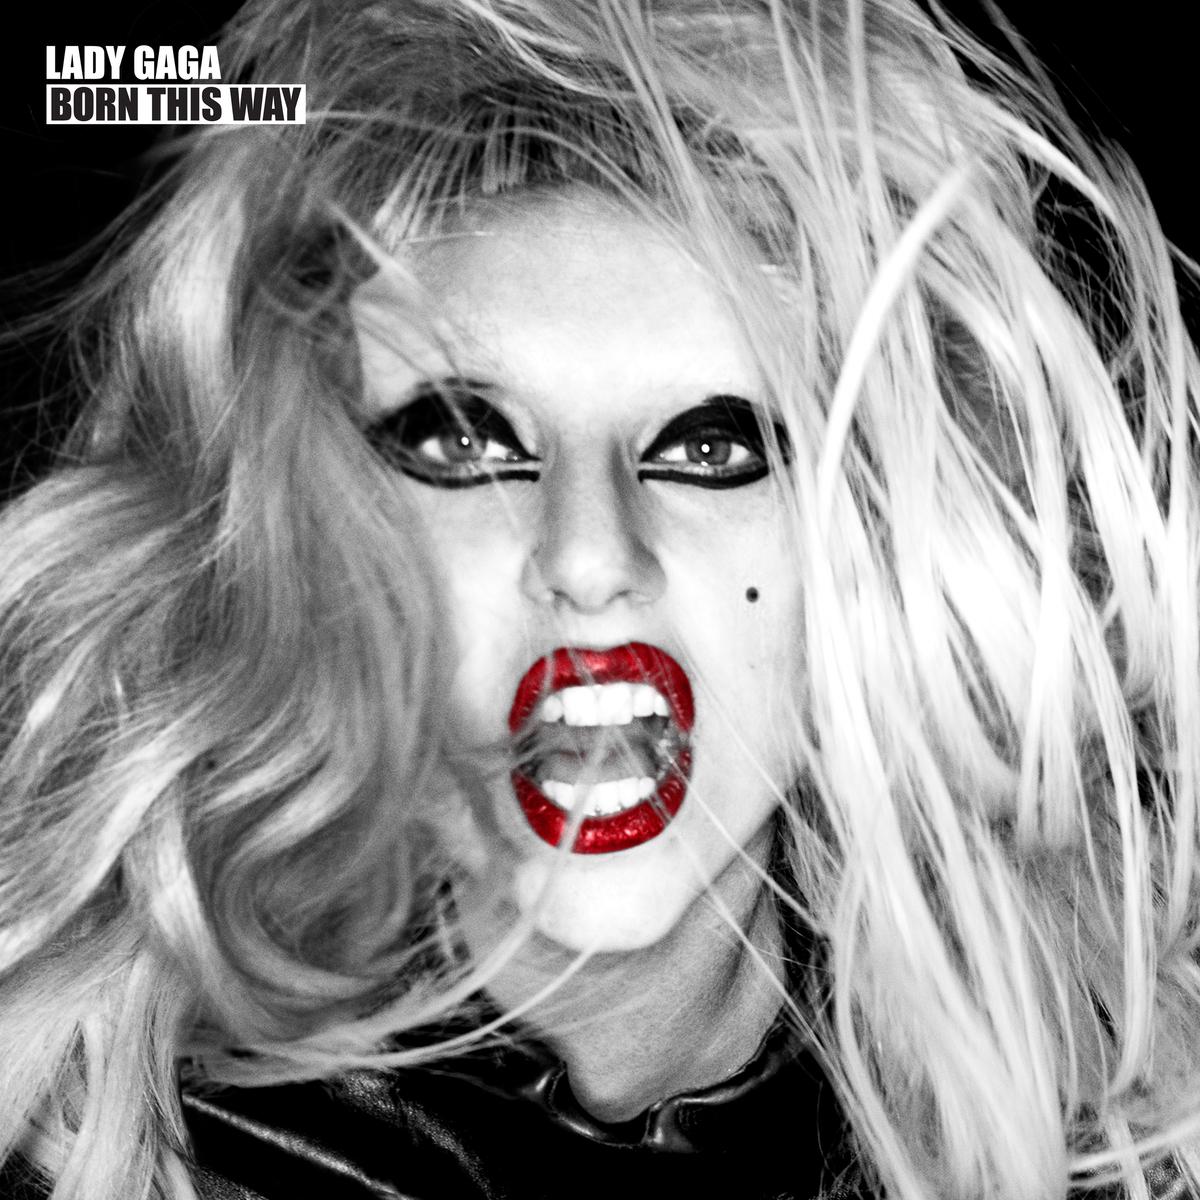 Born This Way [Album]